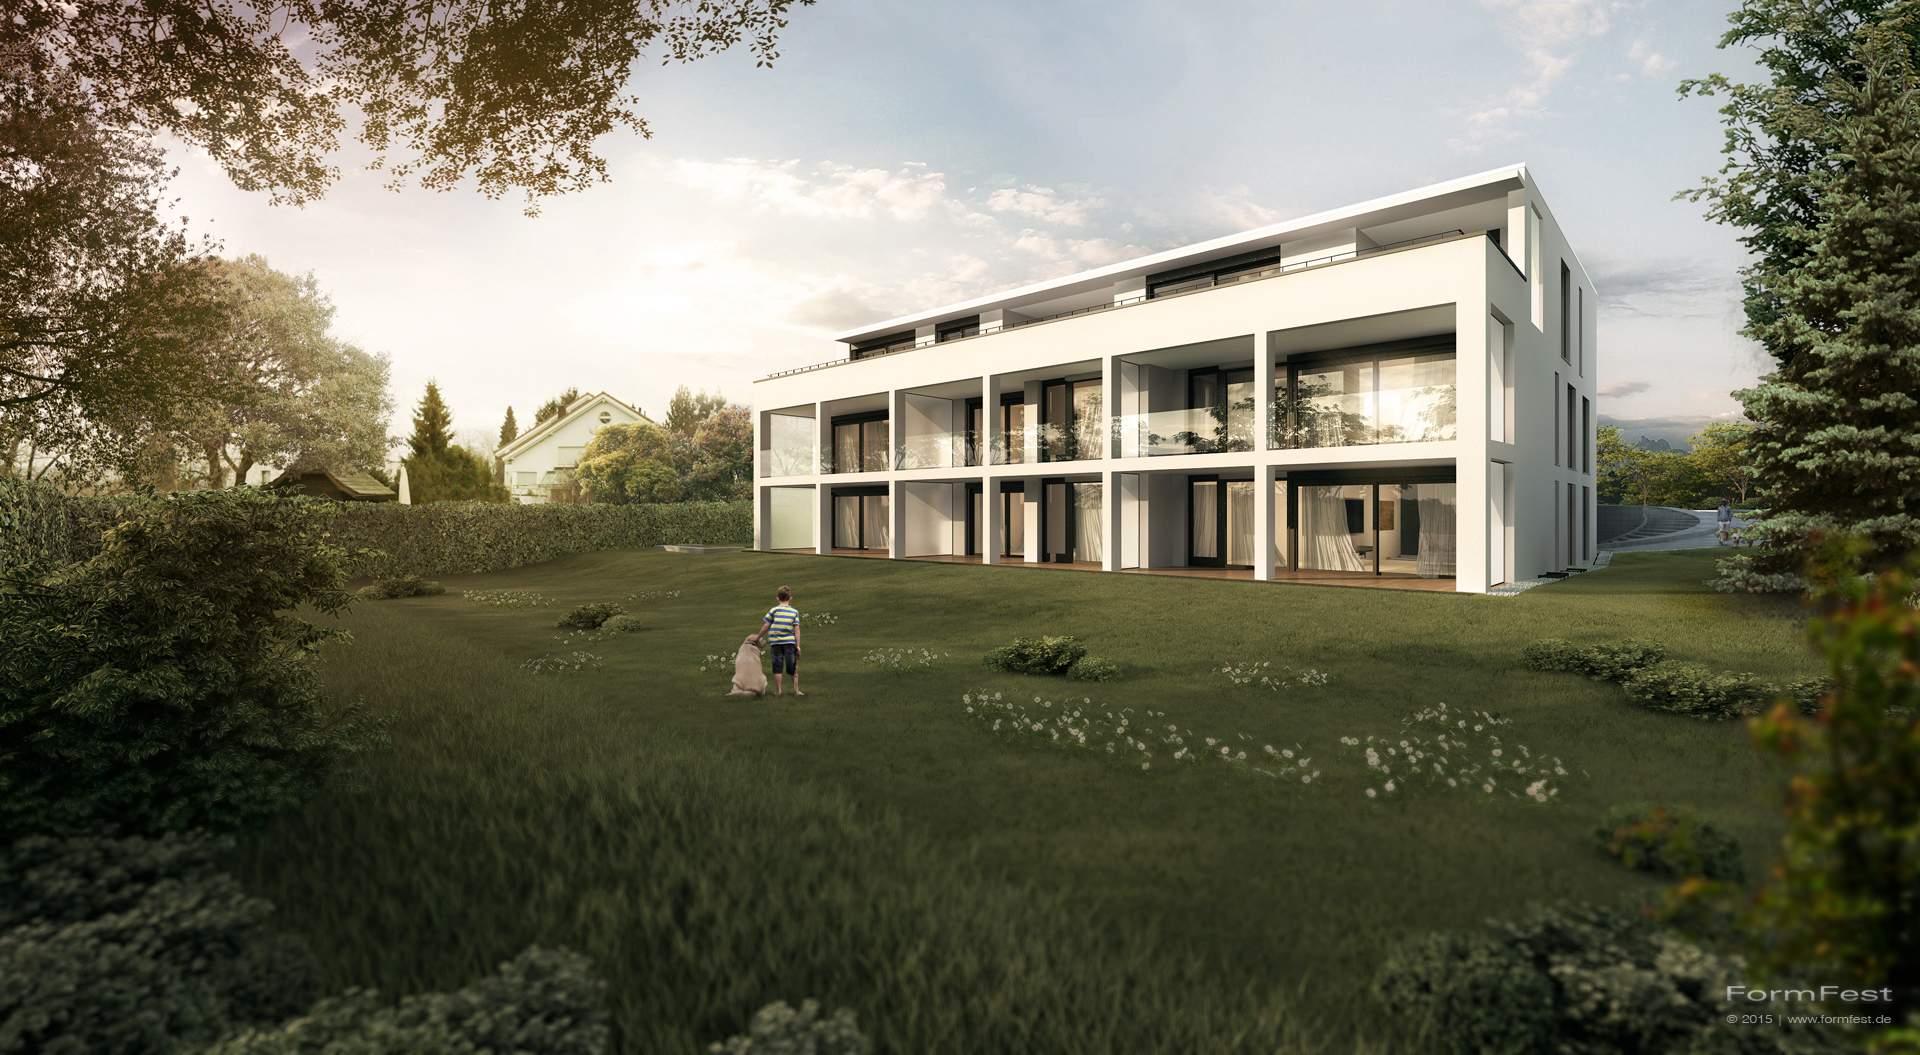 Mehrfamilienhaus | Eckenstein/Dornbach - FormFest